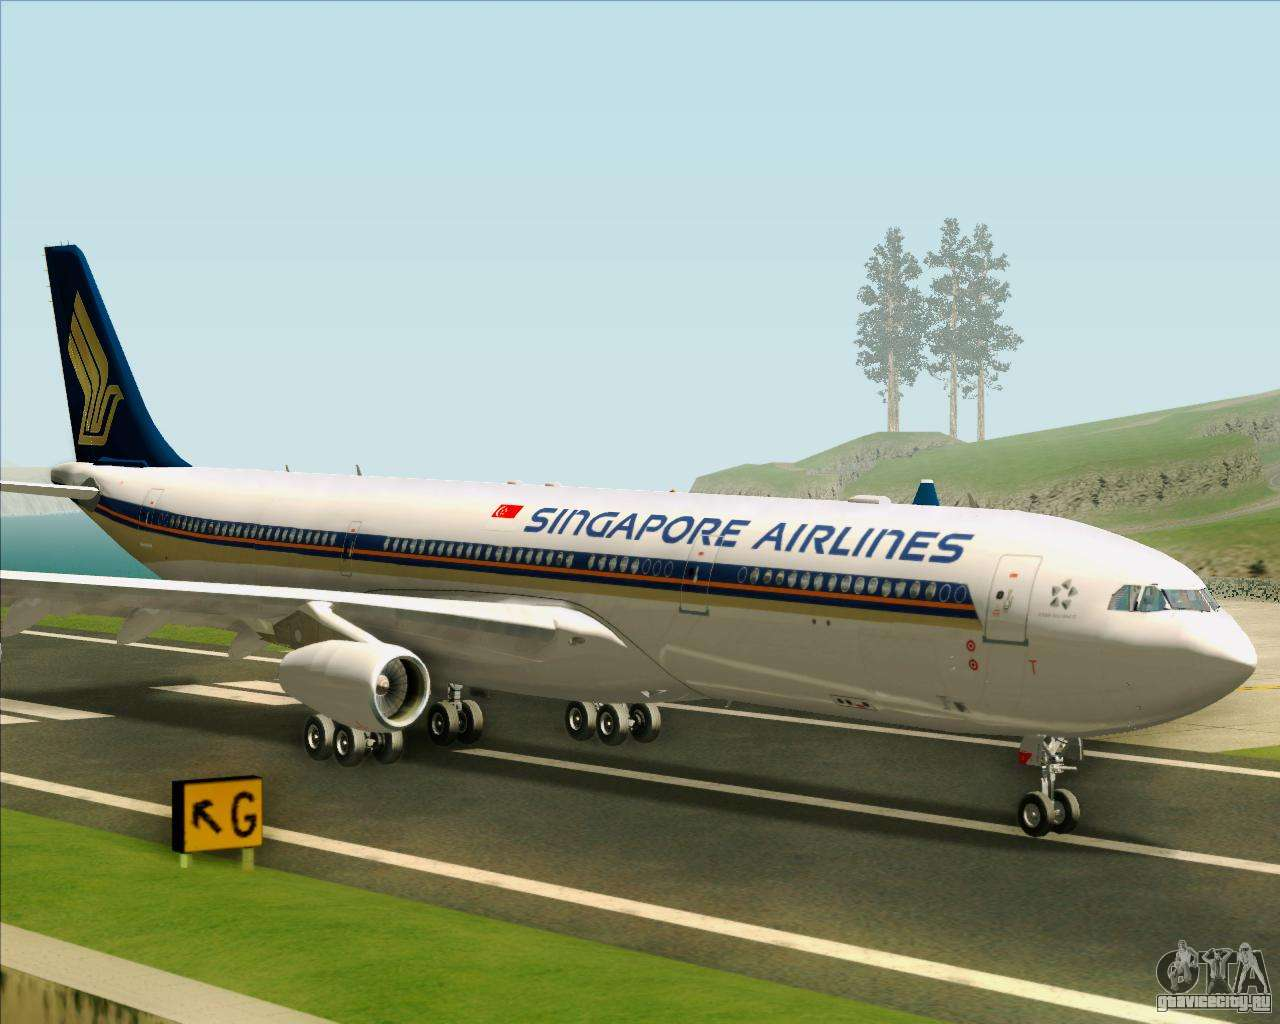 Обои авиалайнер, Singapore airlines, airbus, Самолёт, 300. Авиация foto 9